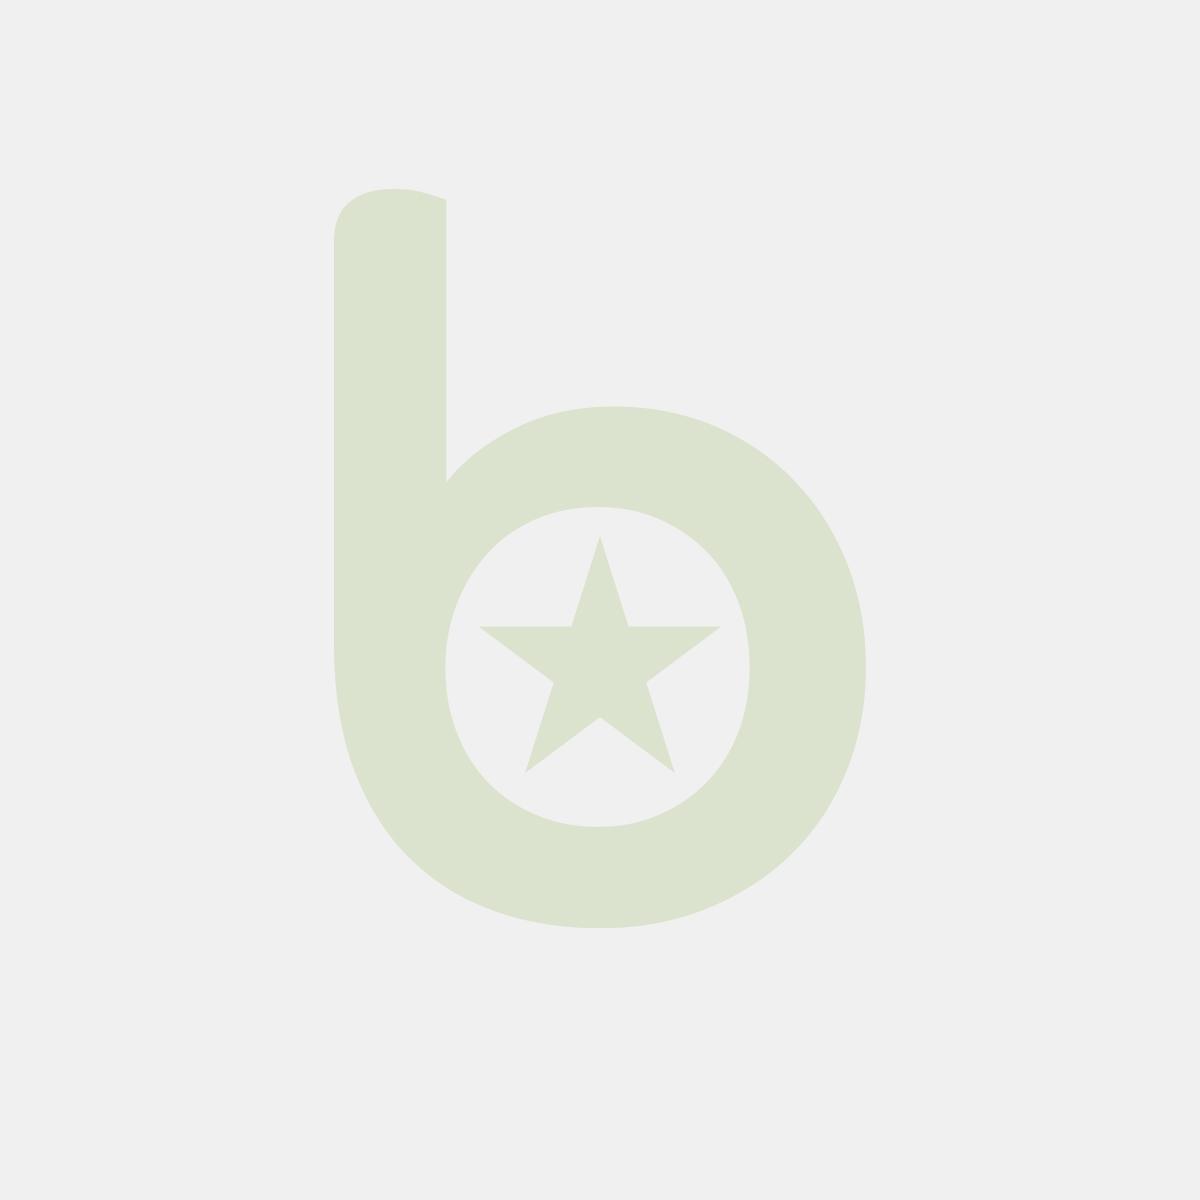 Torby wielorazowe UCHO 44x50 ZAJĄCZKI WIELKANOCNE grubość 50 mik. op. 25 sztuk